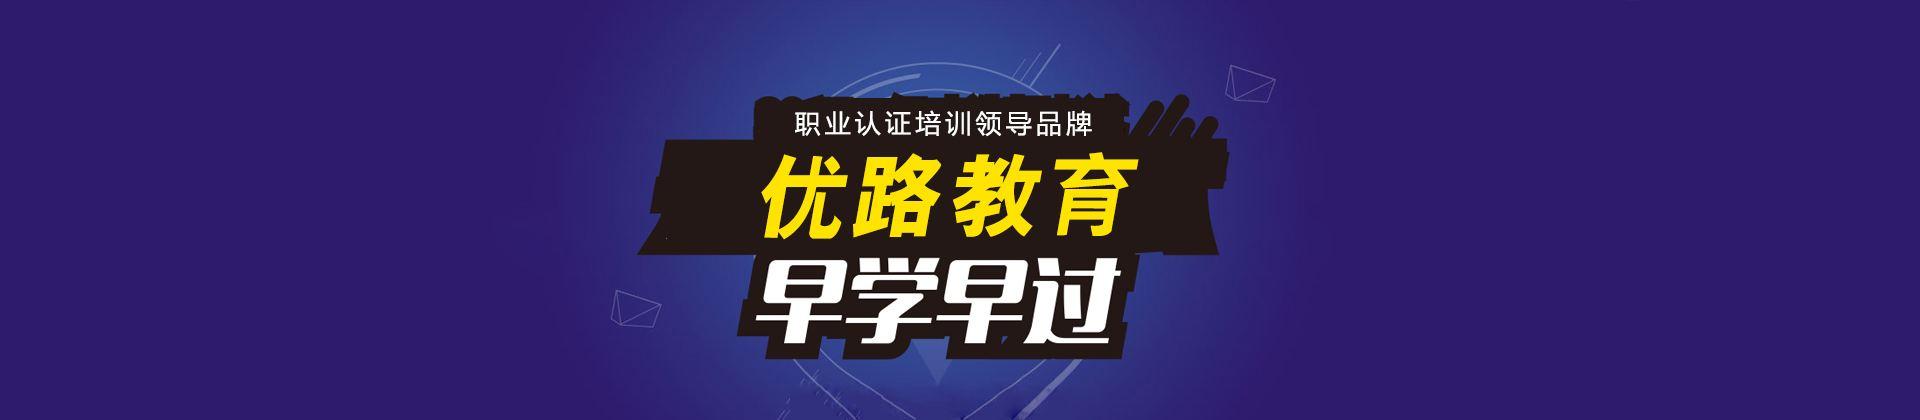 江苏宜兴优路教育培训学校